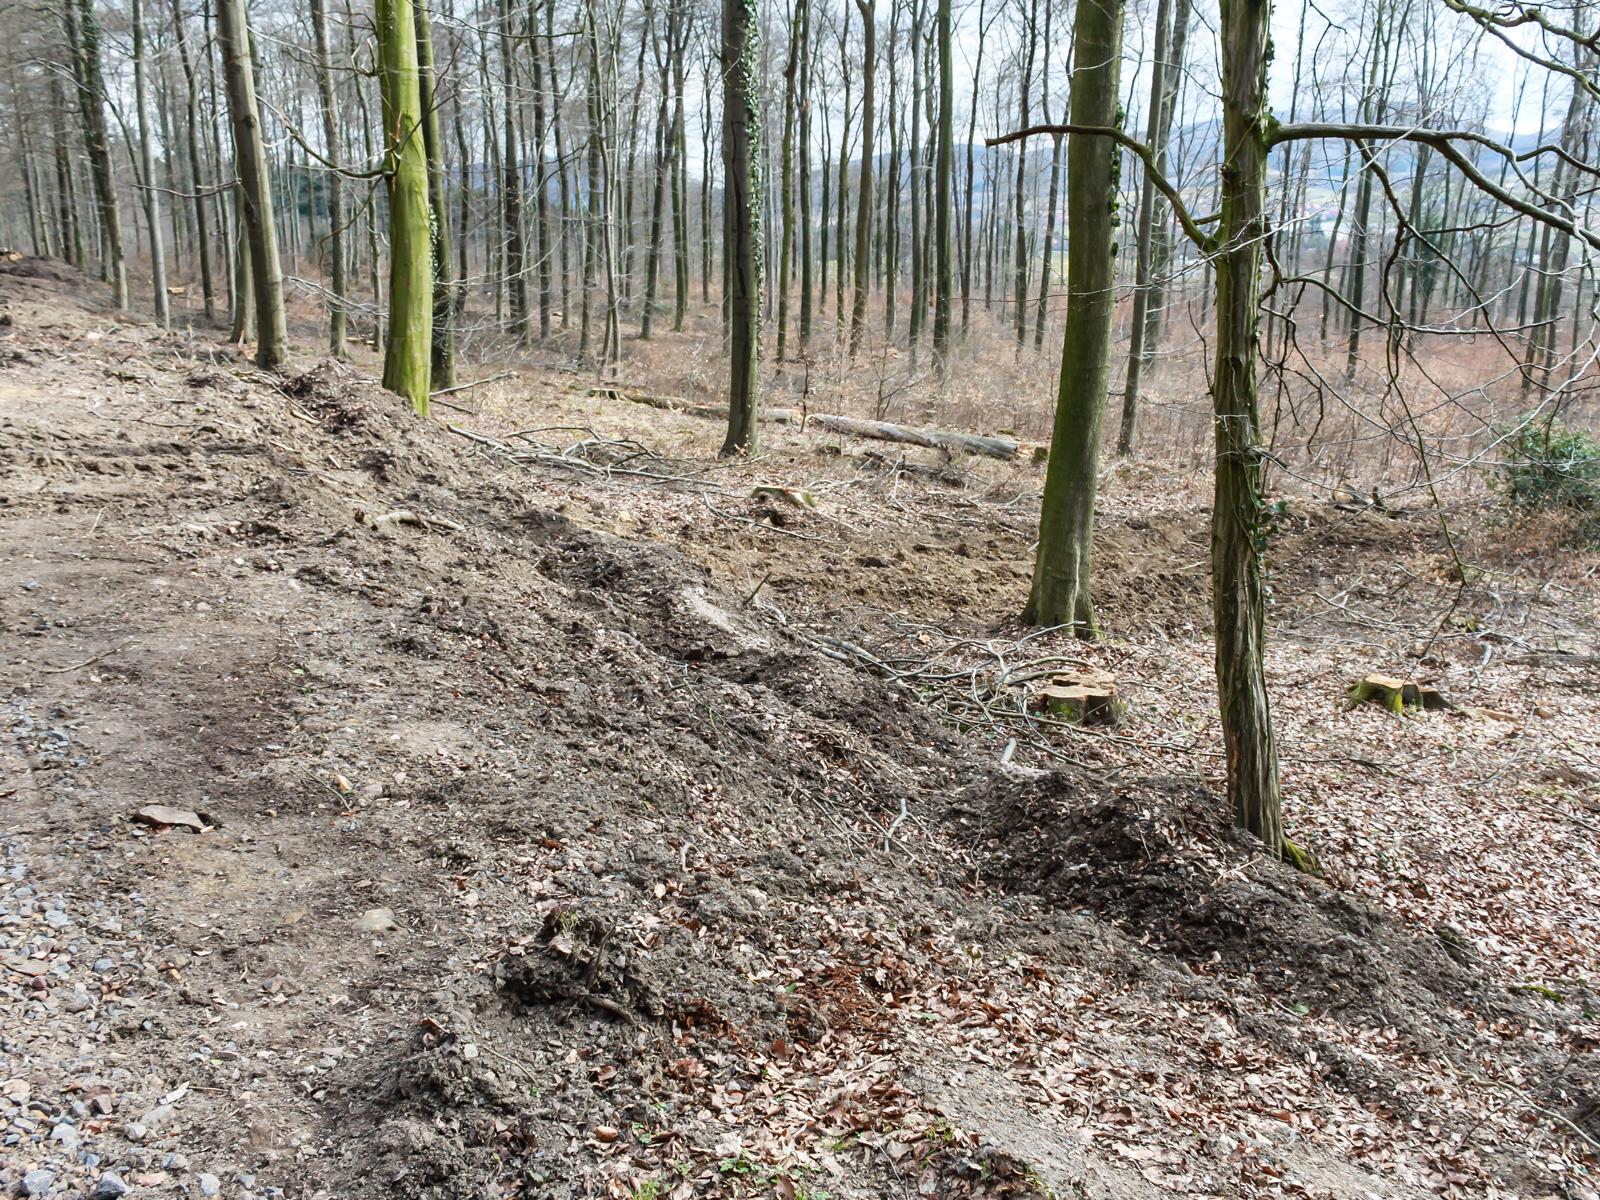 Verdichtung und Zerstörung des Waldbodens